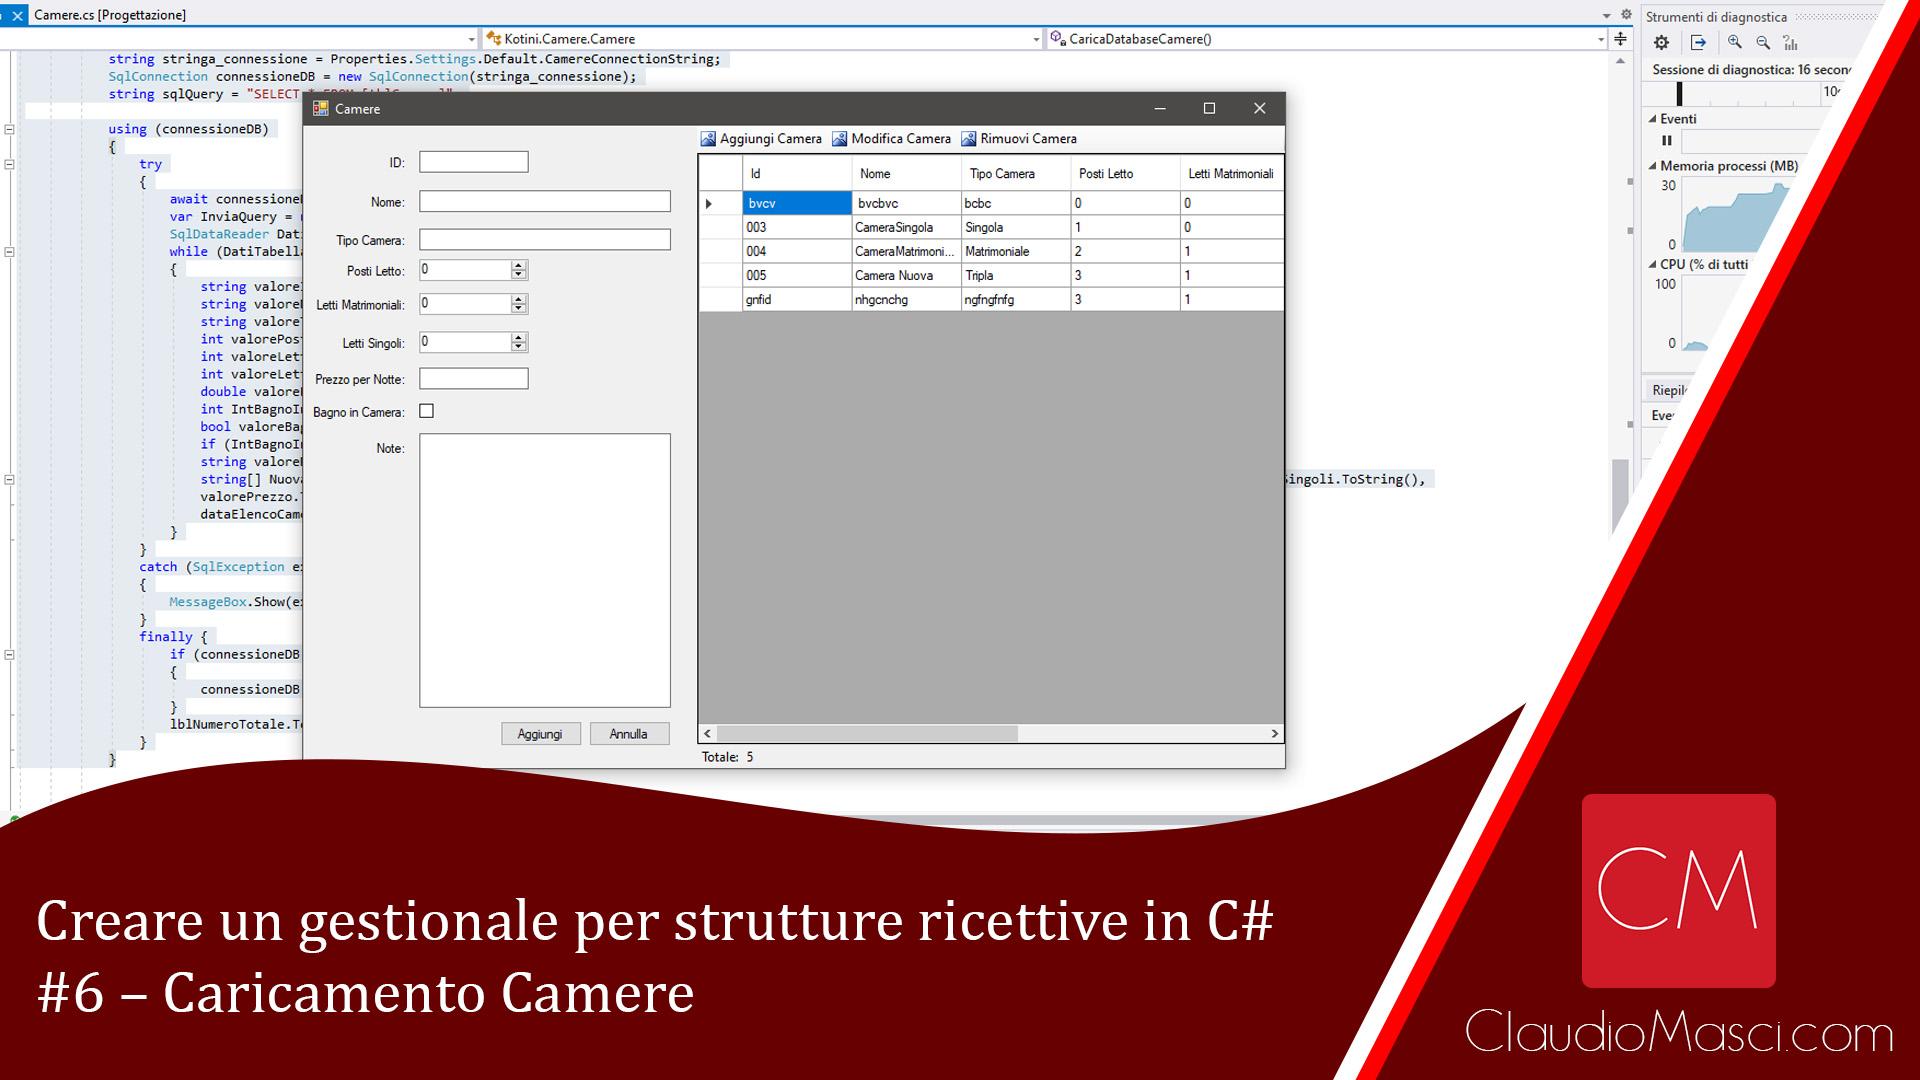 Creare un gestionale per strutture ricettive in C# – #6 – Caricamento Camere